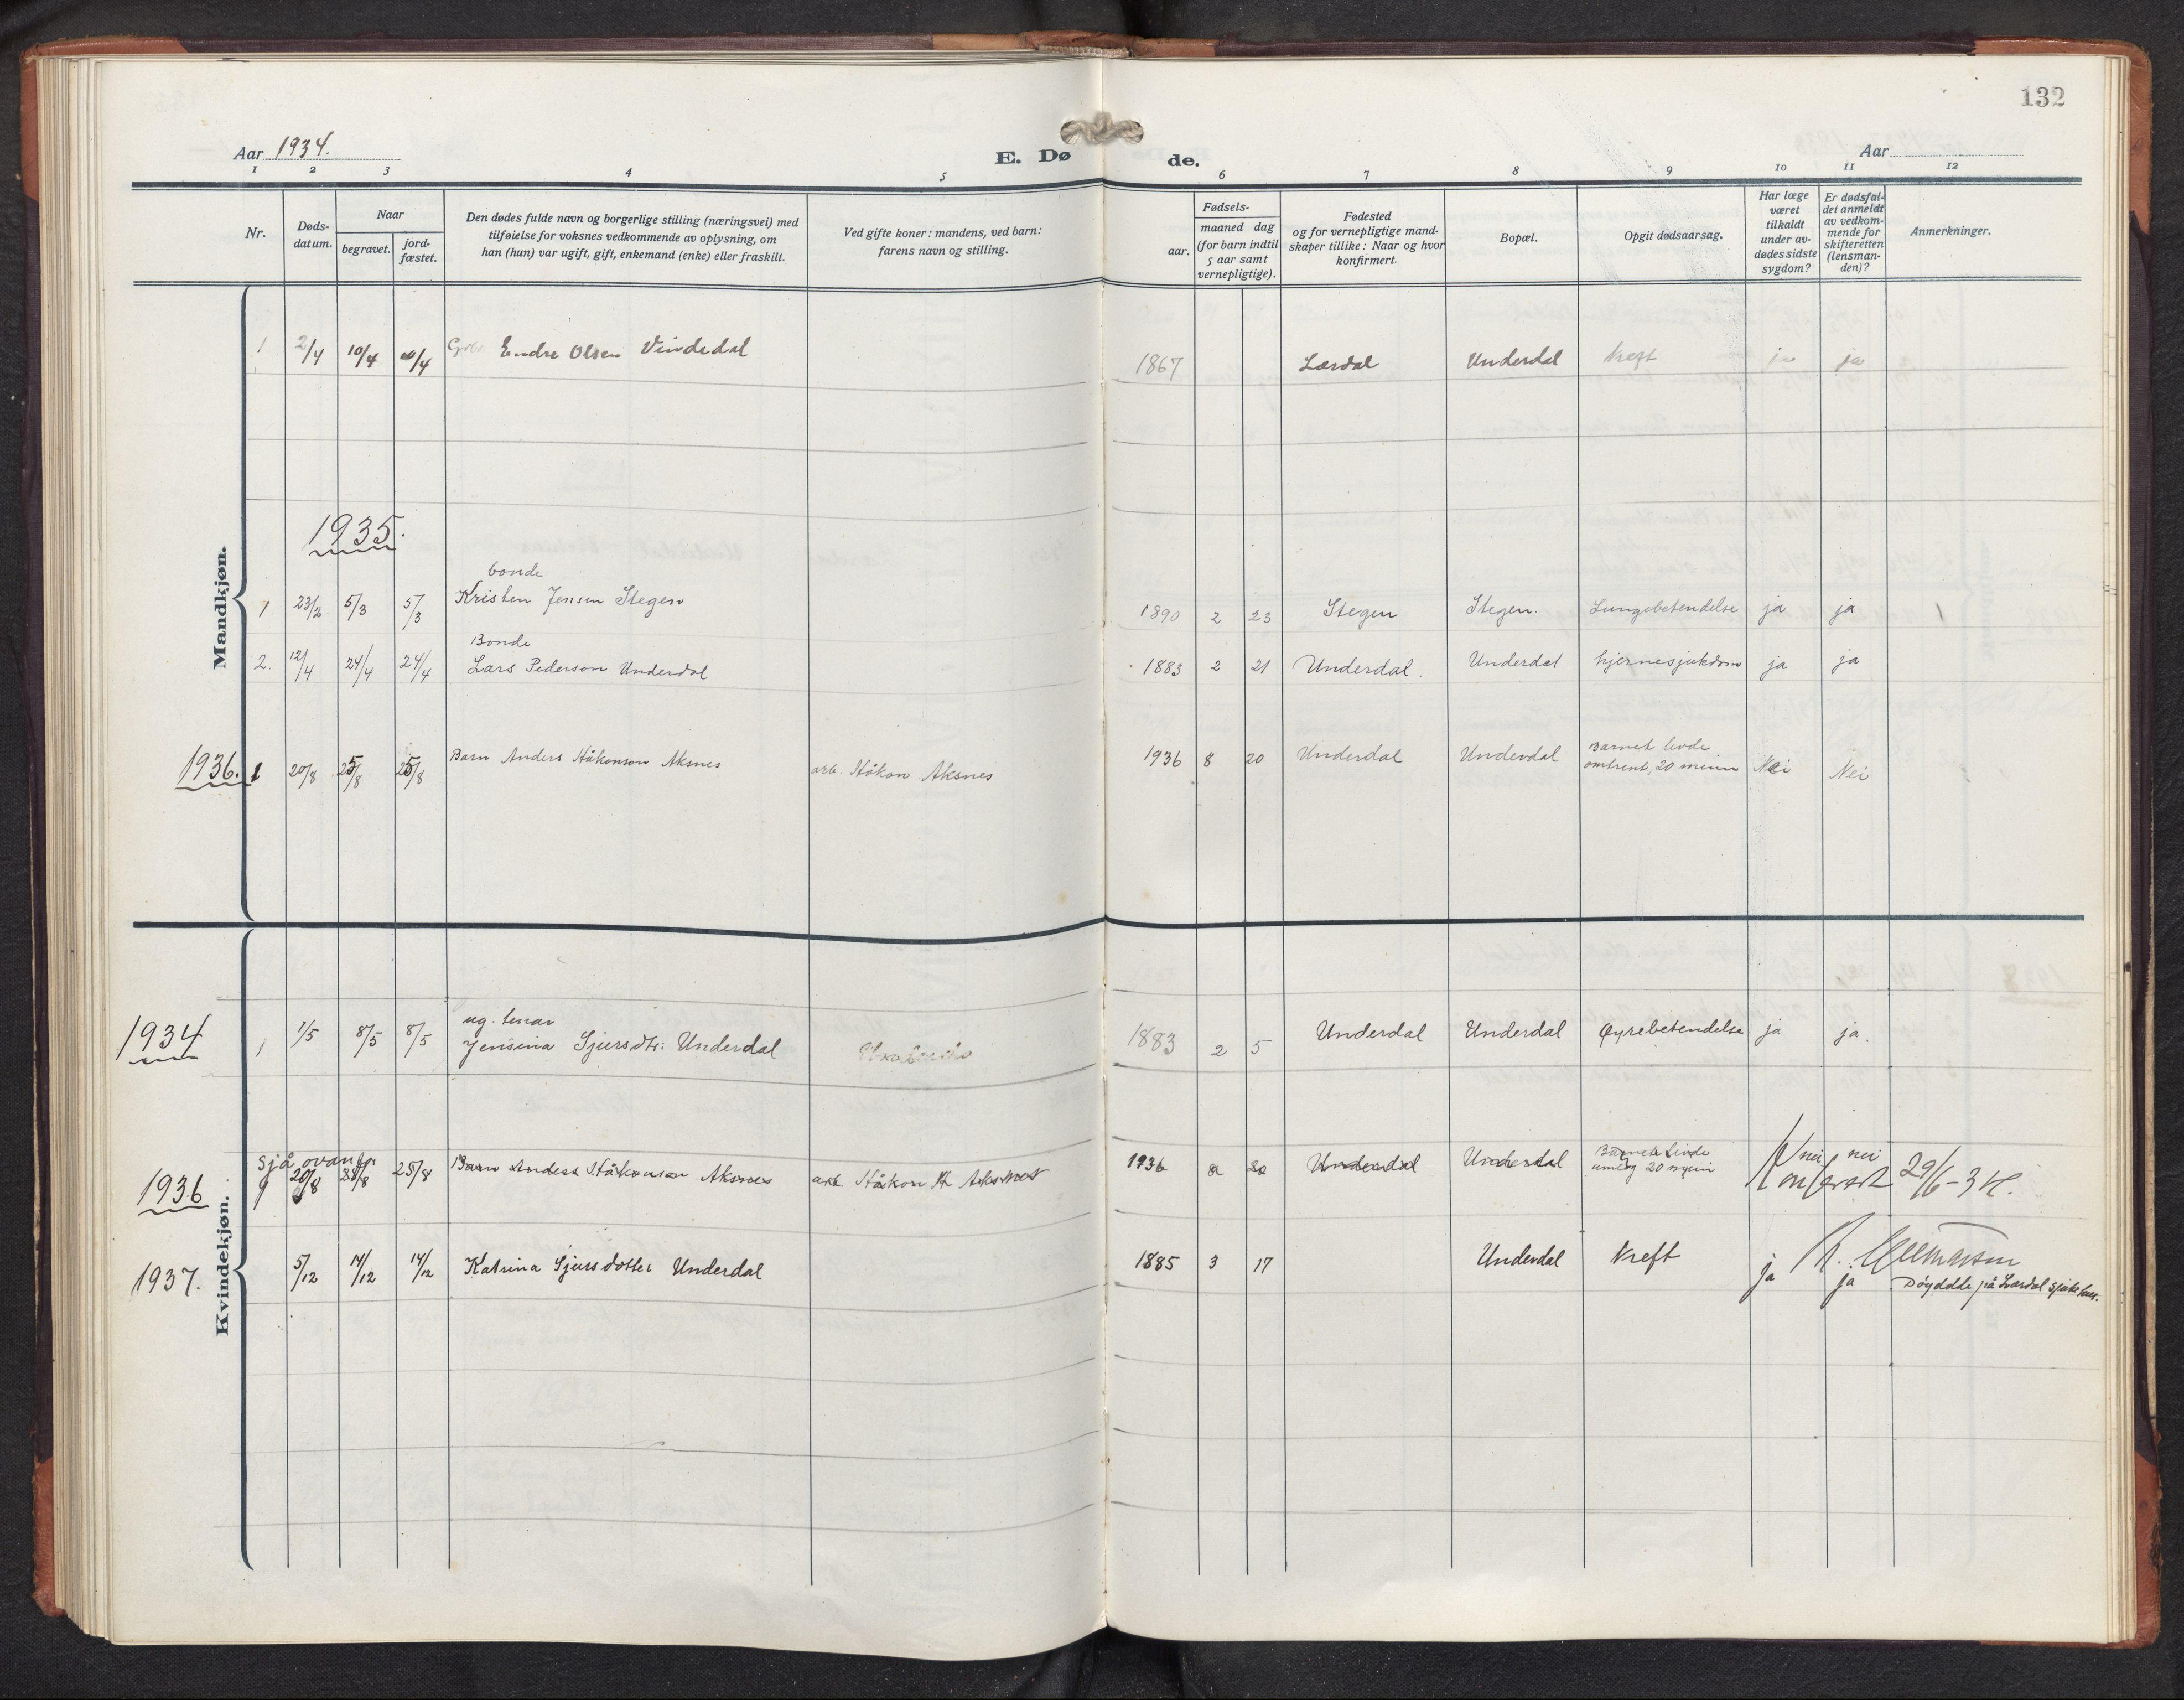 SAB, Aurland sokneprestembete, H/Hb/Hbd/L0003: Parish register (copy) no. D 3, 1920-1968, p. 131b-132a